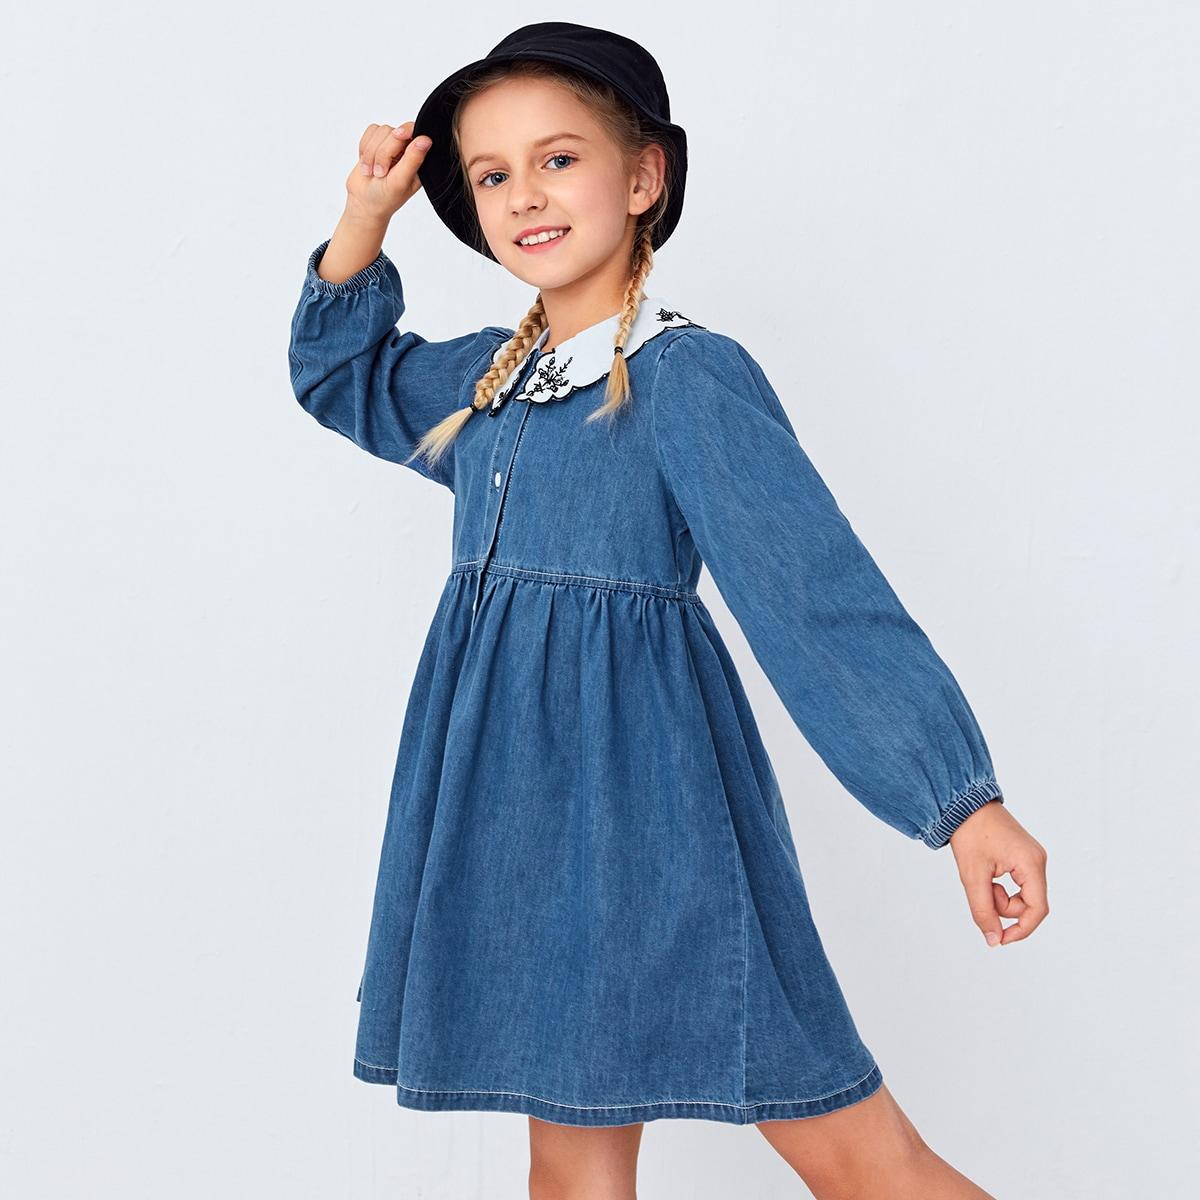 Джинсовое платье с контрастным воротником для девочек